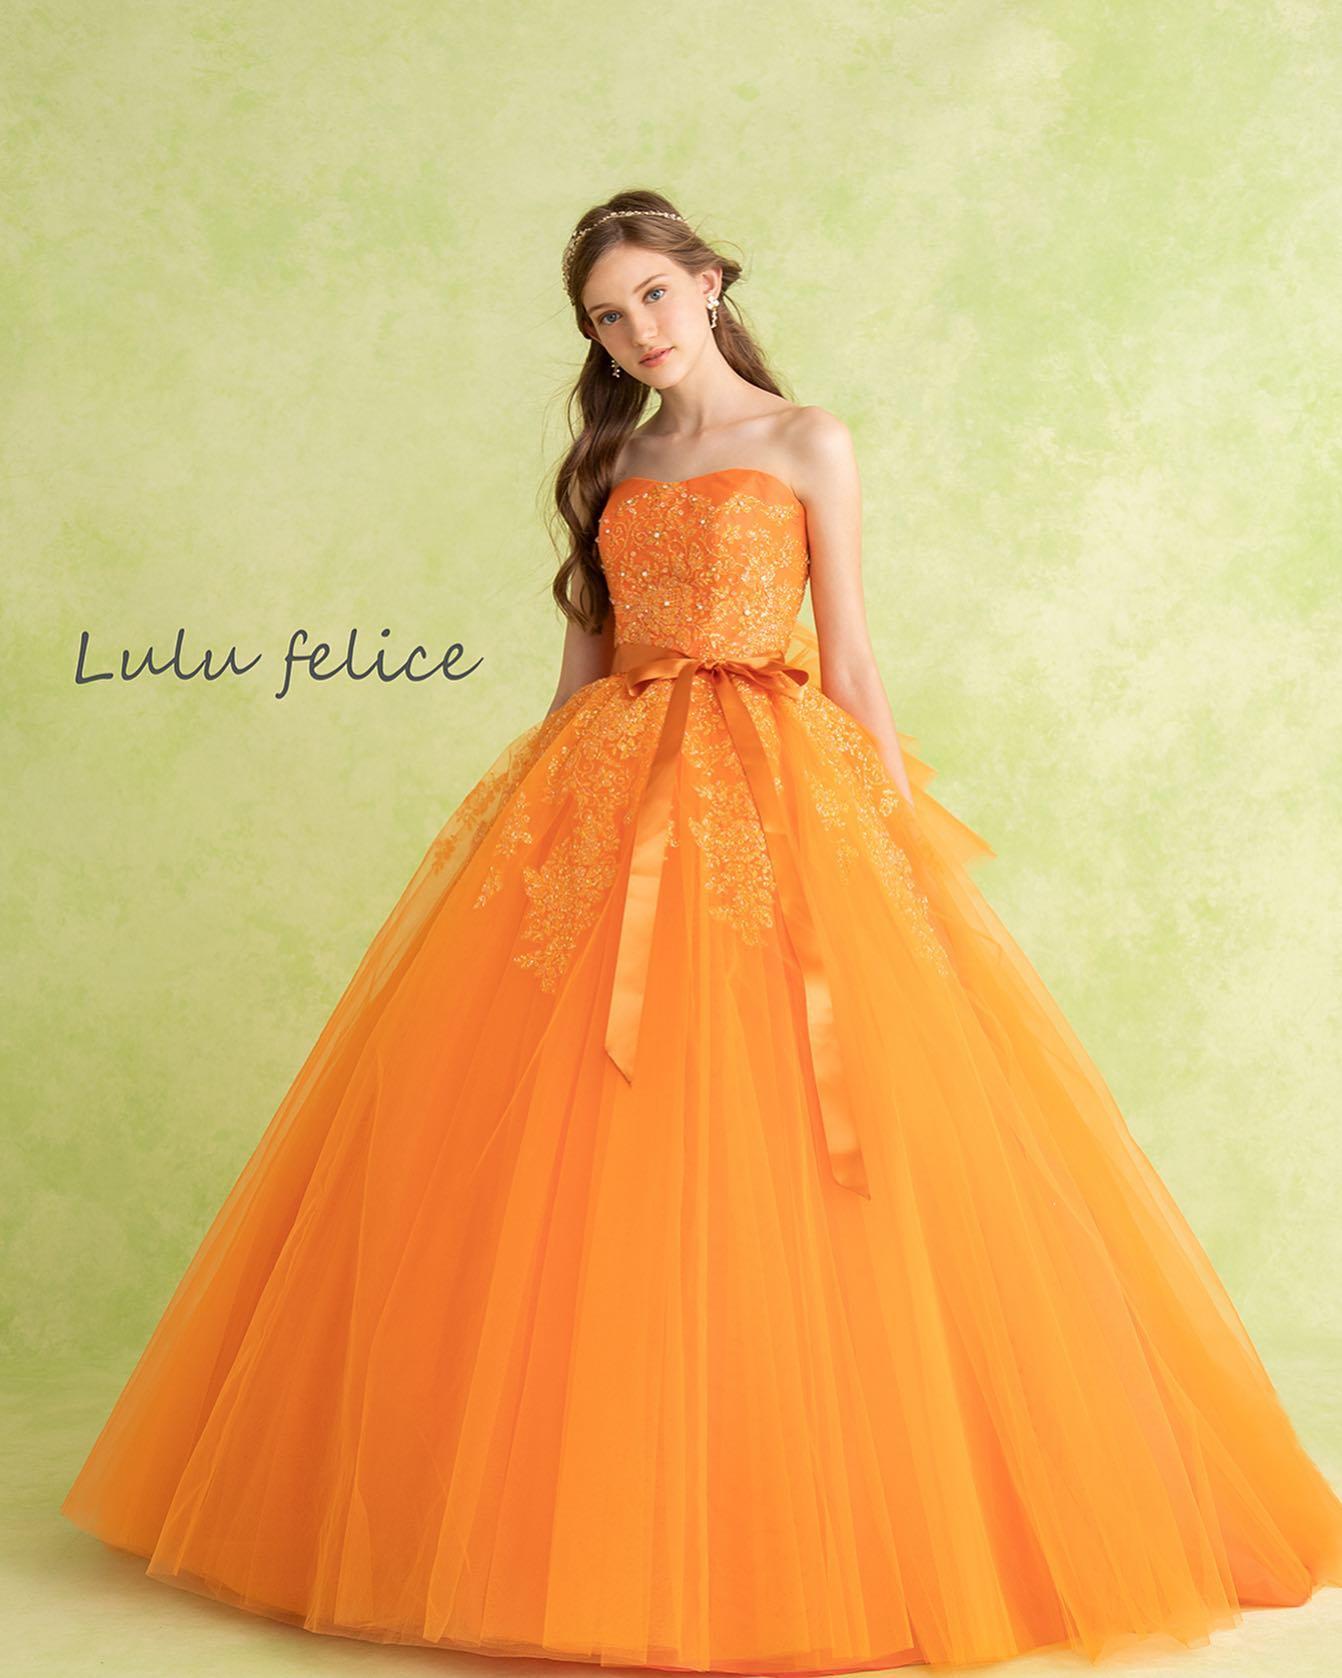 """本日はLuLu felice(ルル フェリーチェ)のカラードレスをご紹介・妖精のようにグリッターが輝く永遠の""""felice ~幸せ~""""の願いを込めたブランド🧚♂️・可愛らしく華やかなオレンジ色が花嫁様を幸せな気持ちで包み込み、見る人を魅了します🧡キラキラのグリッターが施されたふんわりとしたチュールのスカートがcute・夏にピッタリの一着ですねご予約お待ちしております・【LuLu felice】CD0329LU-0044レンタル価格:¥220,000・#wedding #weddingdress #bridalhiro  #lulufelice#ウェディングドレス #プレ花嫁 #ドレス試着 #2021夏婚 #2021冬婚 #ヘアメイク #結婚式  #ドレス選び #前撮り #後撮り #フォトウェディング #ウェディングヘア  #フォト婚 #前撮り写真 #ブライダルフォト #カップルフォト #ウェディングドレス探し #ウェディングドレス試着 #レンタルドレス #ドレスショップ #家族婚 #ブライダルヒロ #ゼクシィ #プリンセスライン #ドレス迷子 #ルルフェリーチェ"""